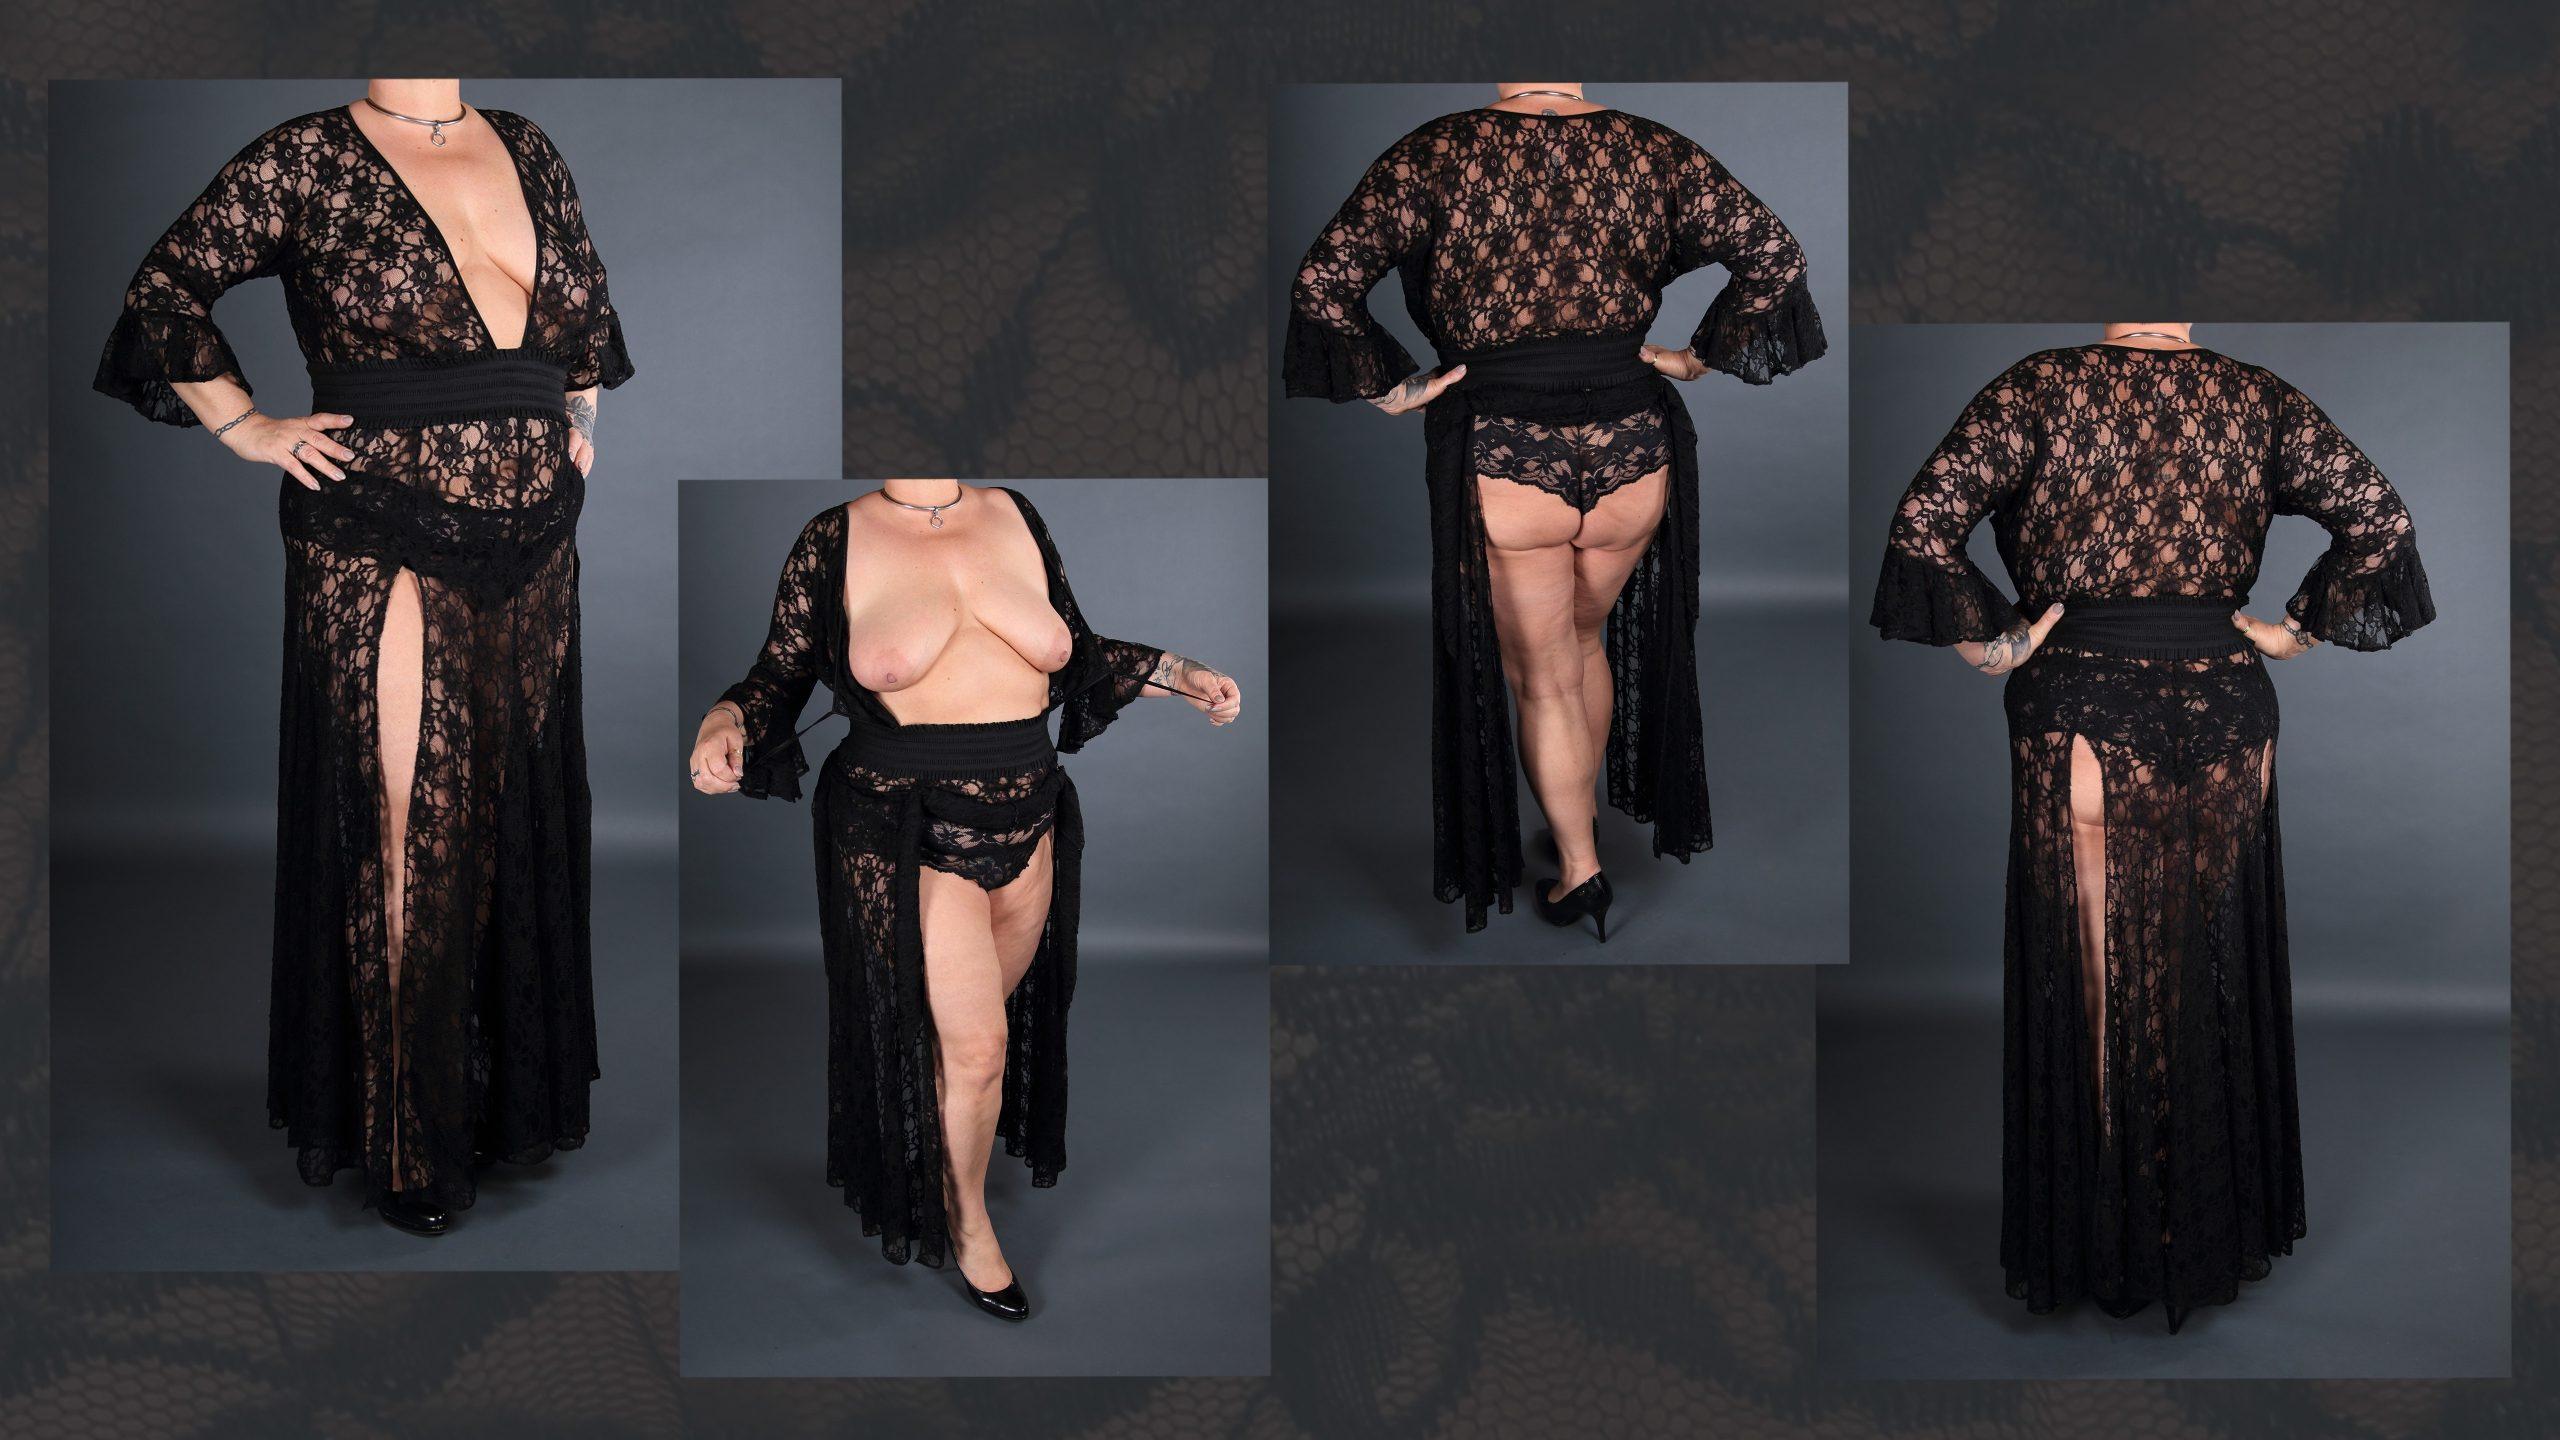 17 Erstaunlich Der Abend Der O Kleidung BoutiqueFormal Ausgezeichnet Der Abend Der O Kleidung für 2019